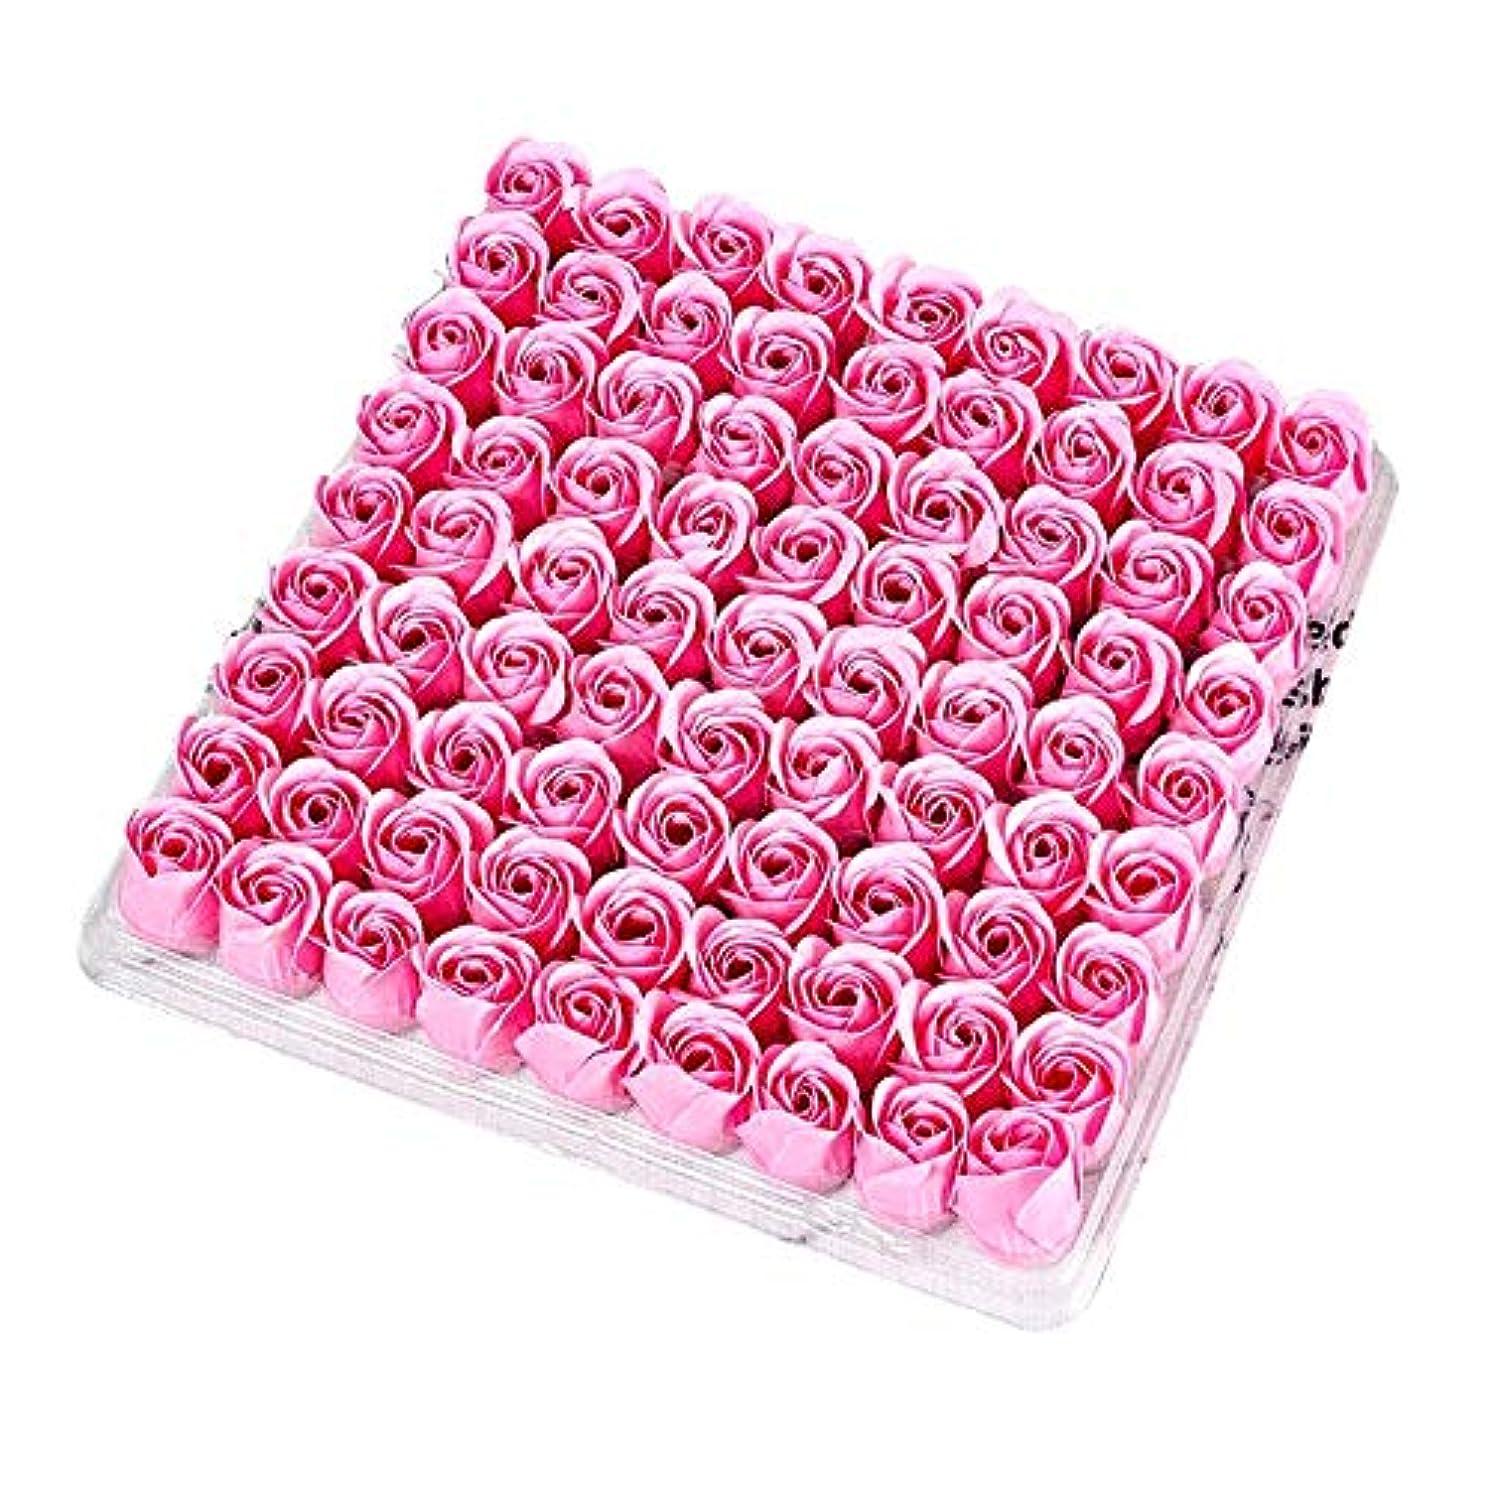 棚ドライエスカレーターTOOGOO 81個の薔薇、バス ボディ フラワー?フローラルの石けん 香りのよいローズフラワー エッセンシャルオイル フローラルのお客様への石鹸 ウェディング、パーティー、バレンタインデーの贈り物、ピンク